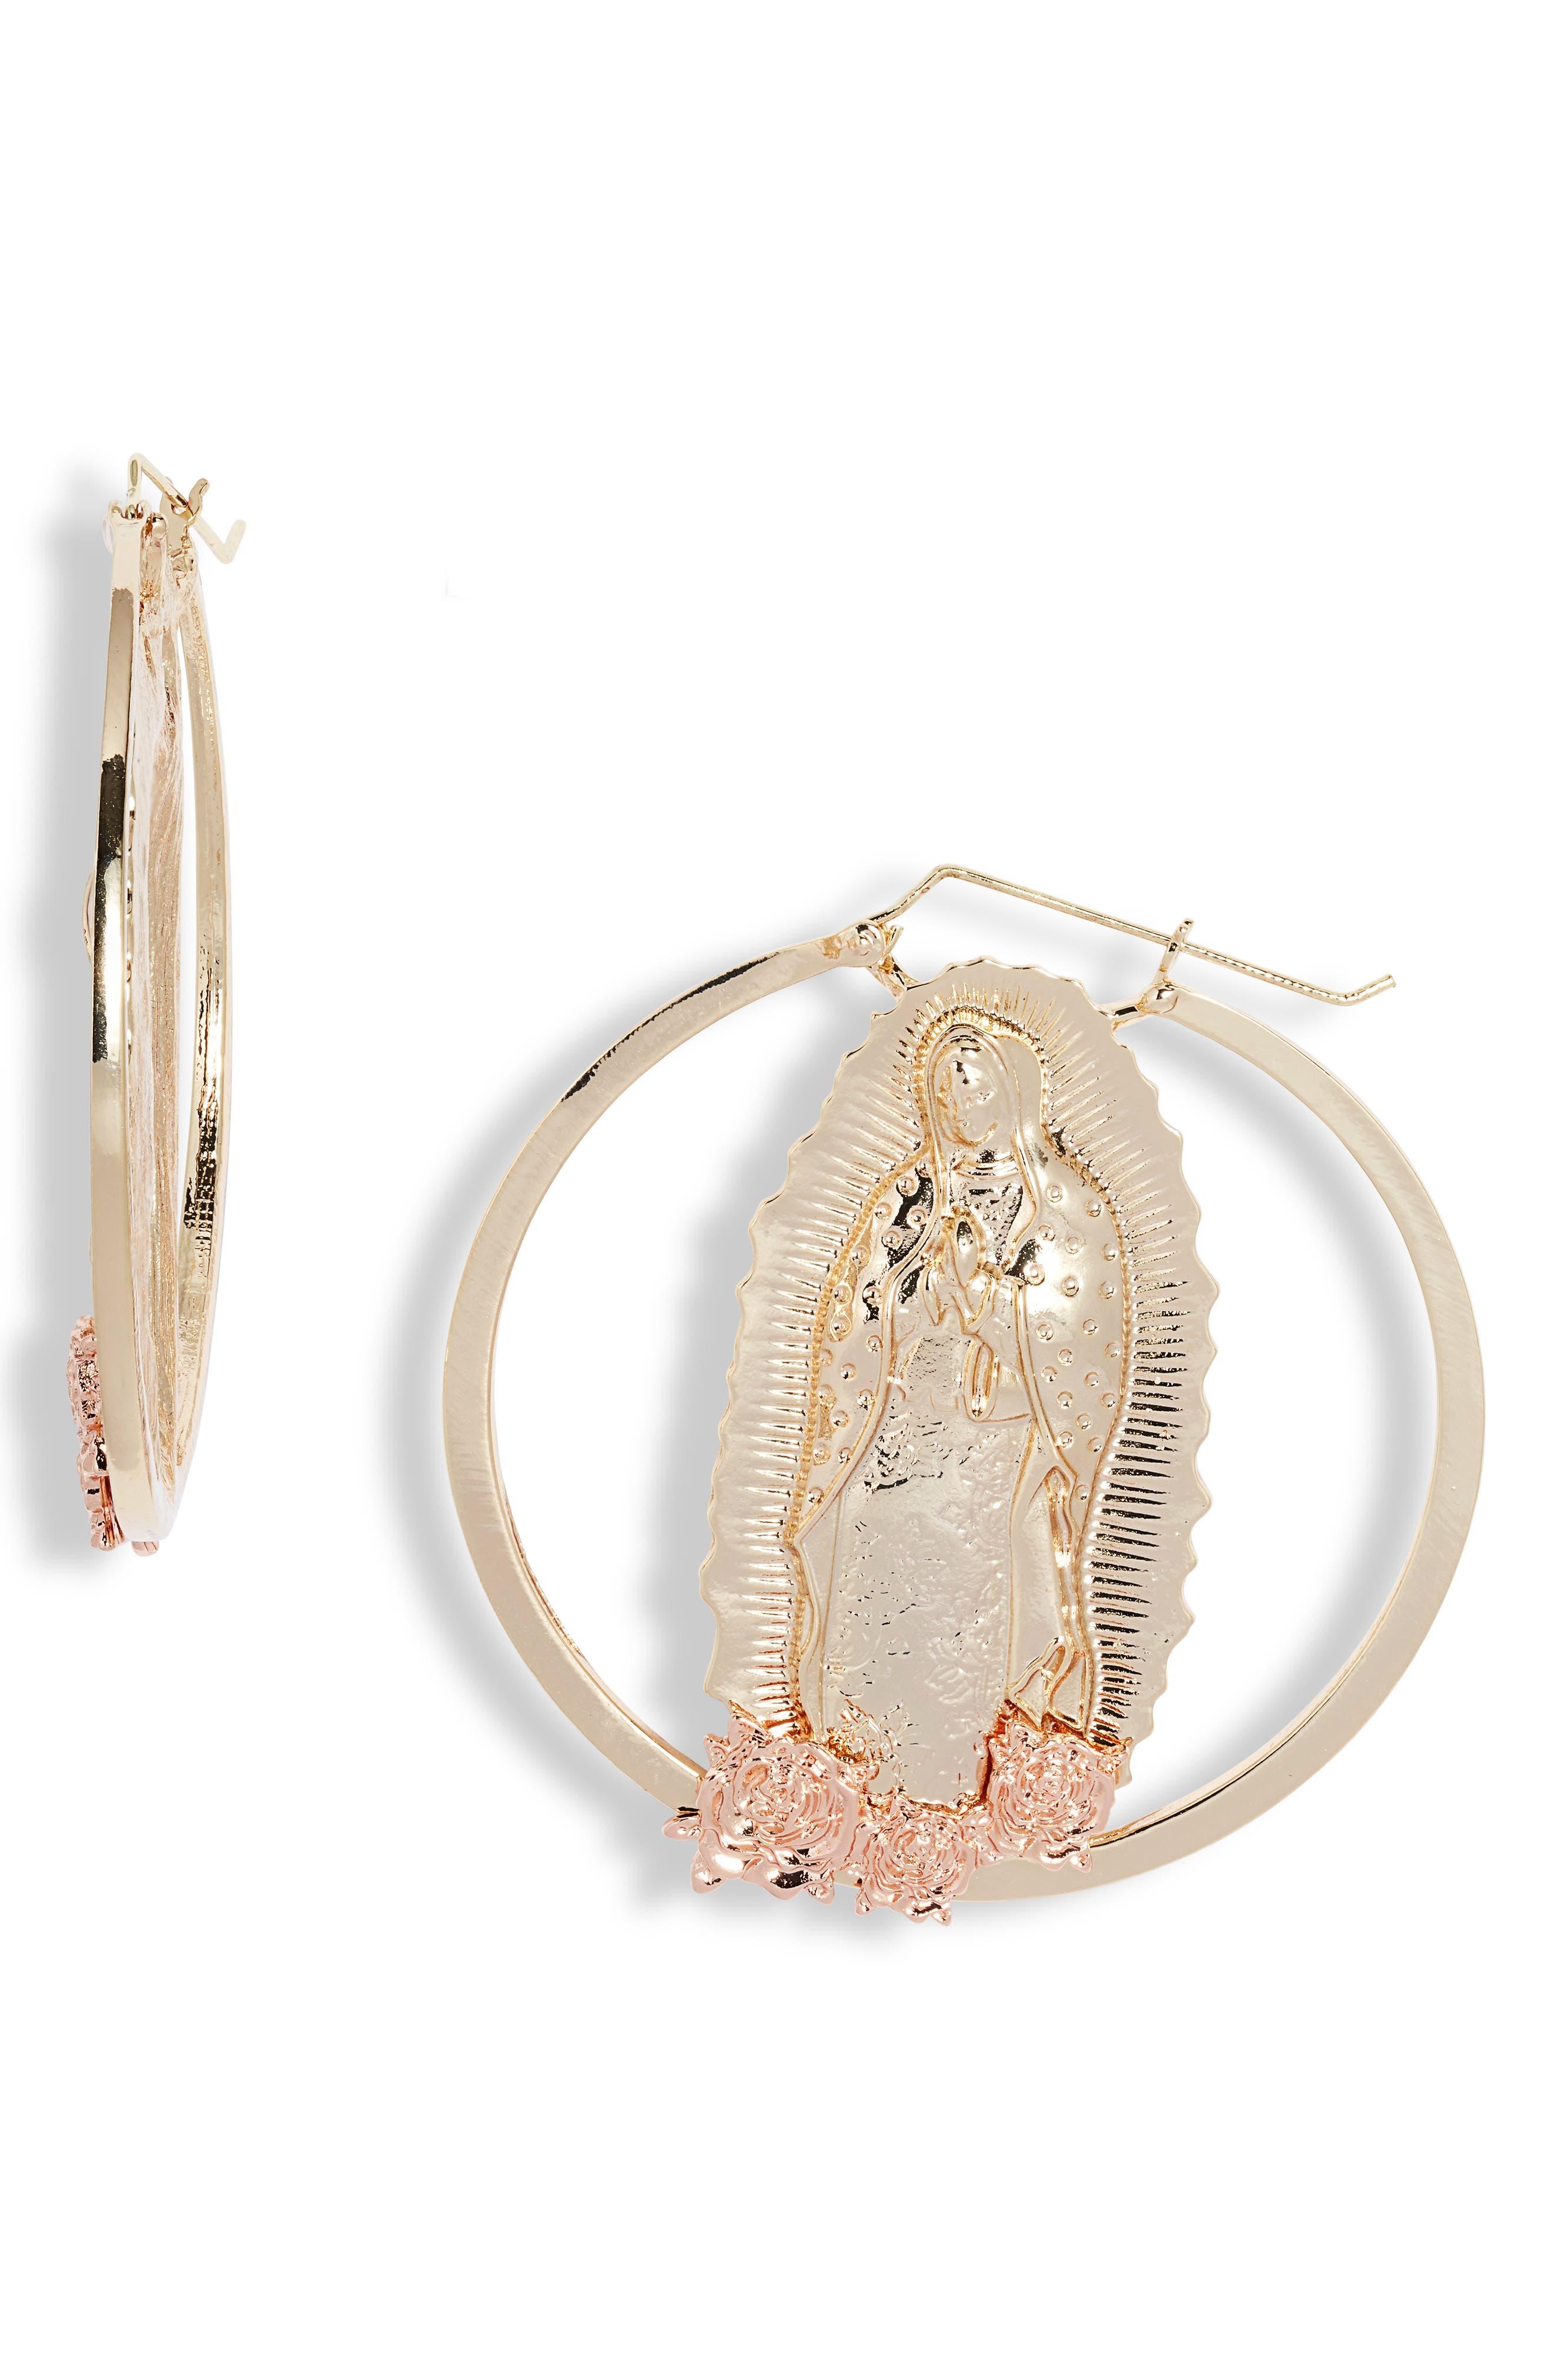 Virgin Mary Roses Hoop Earrings